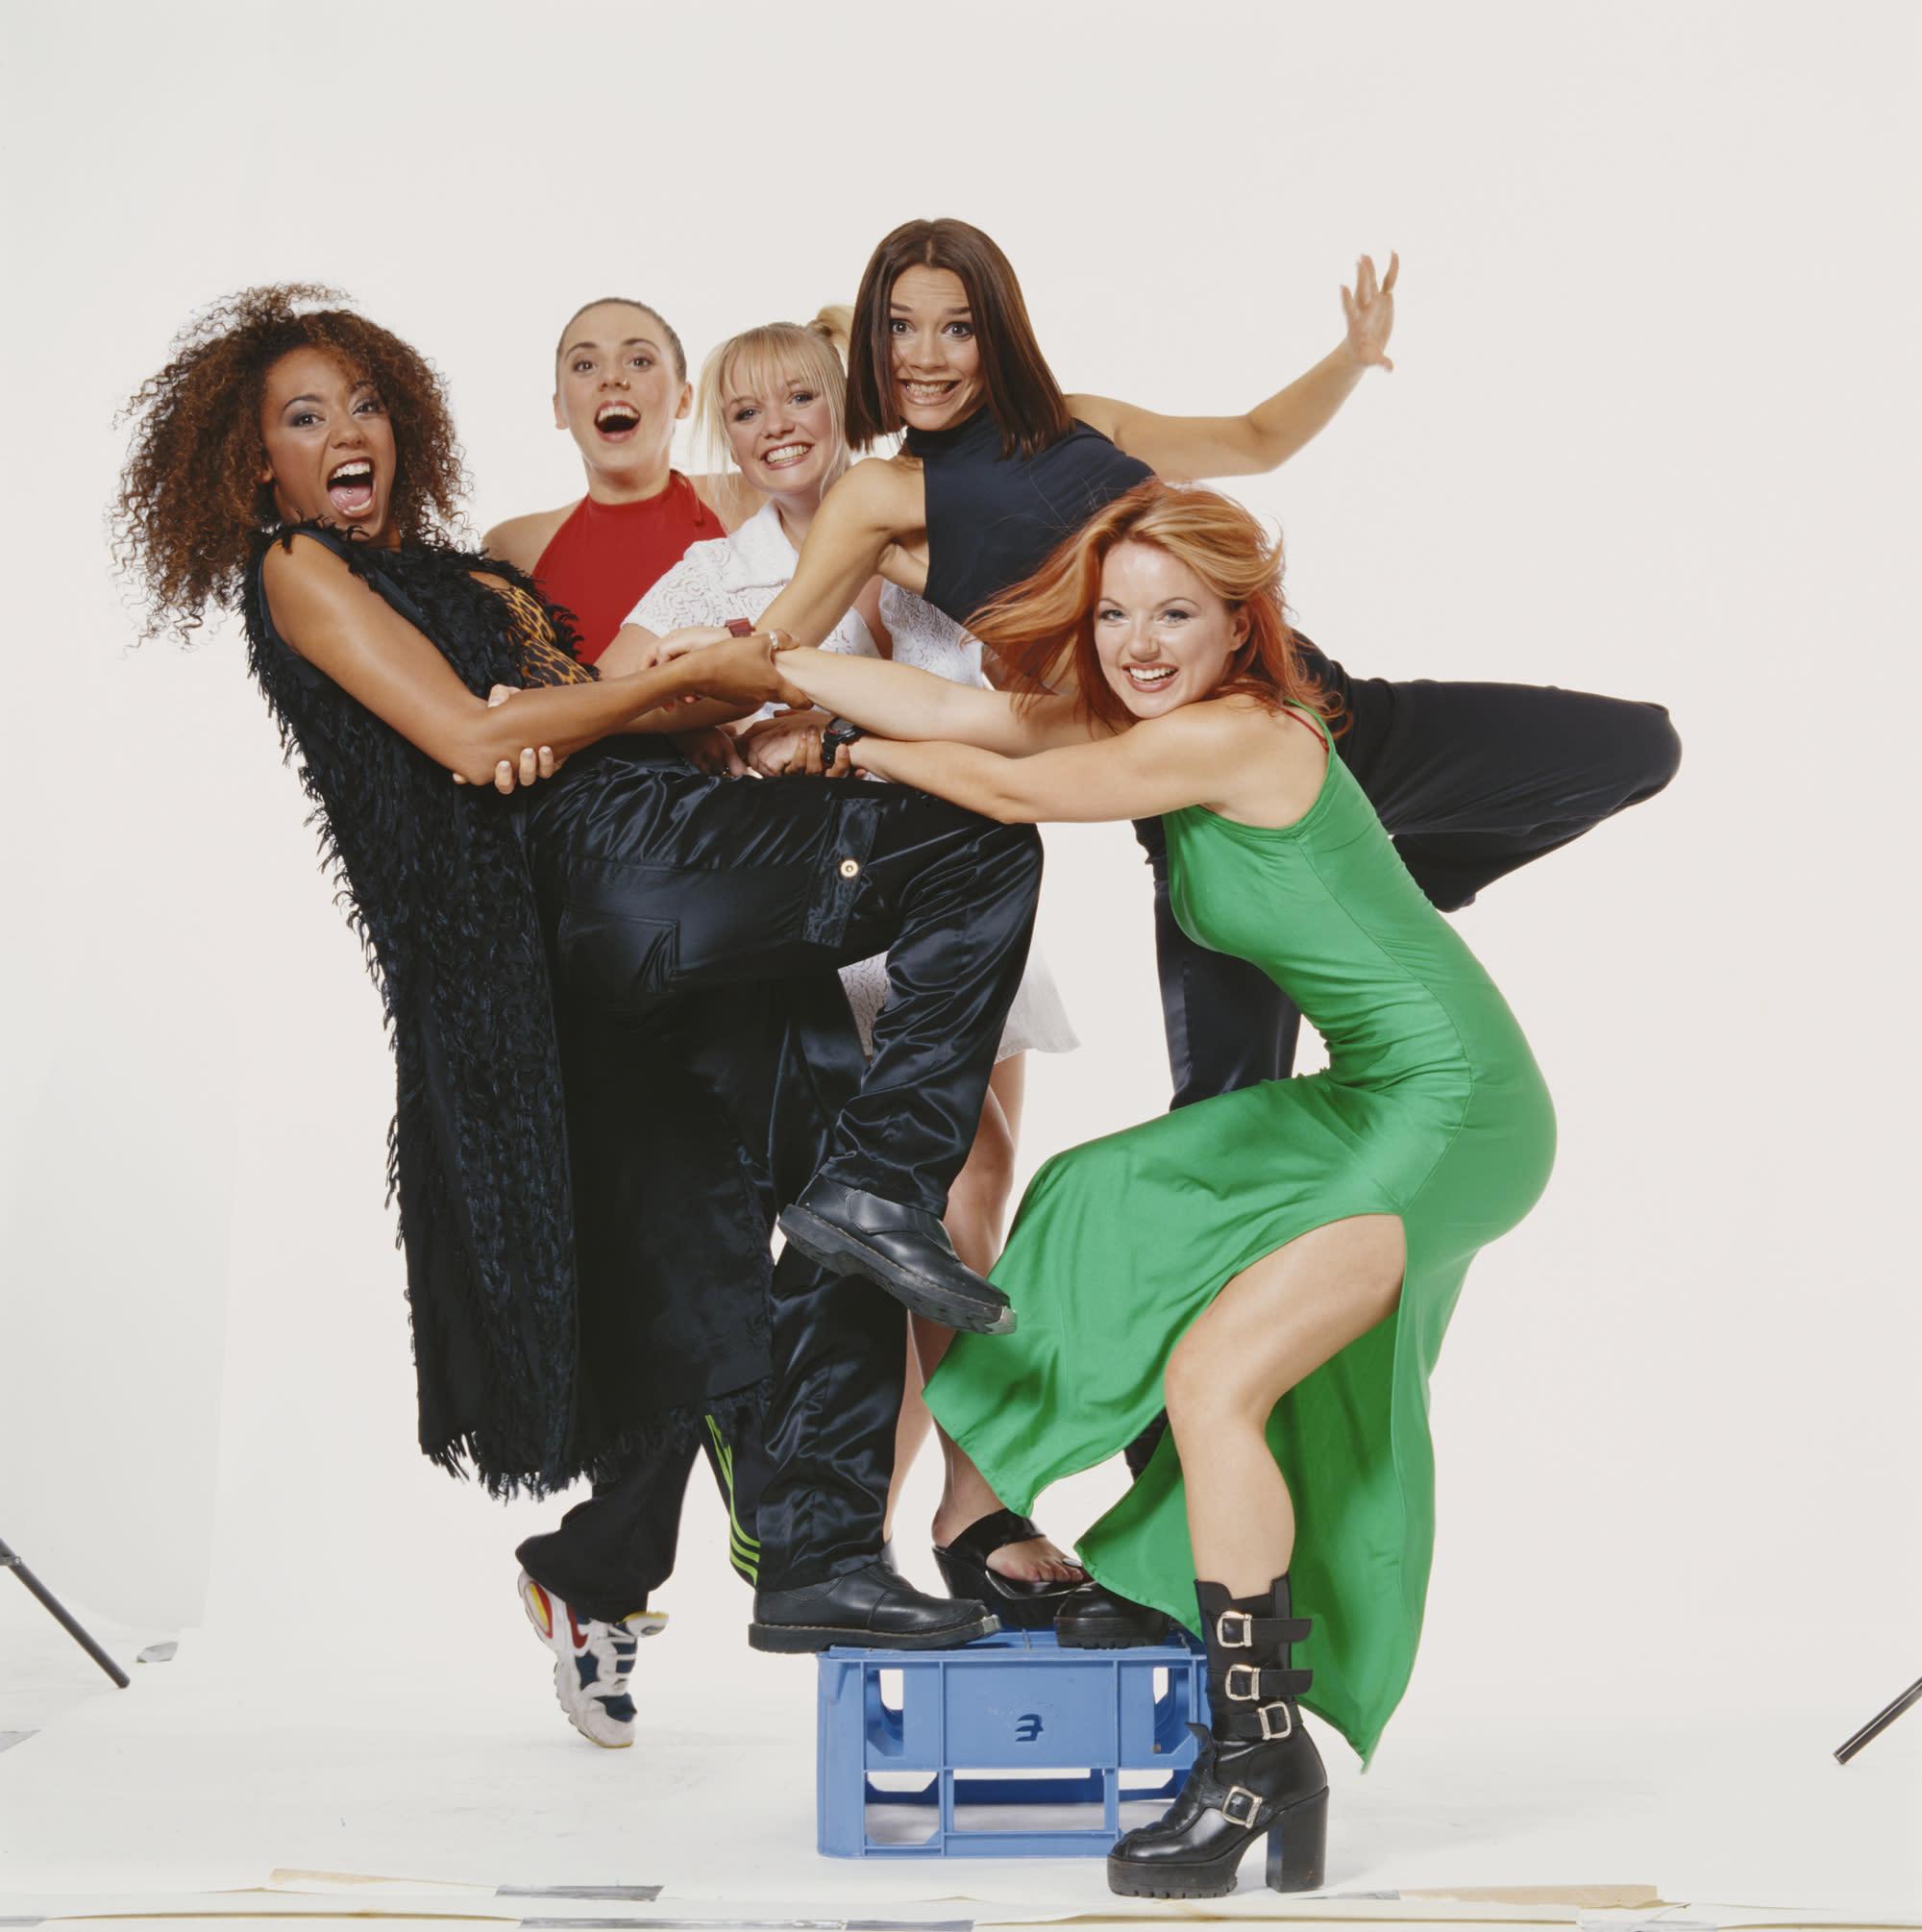 Spice Girlscouk fansite with SpiceGirls news Spice Girls Tickets Info and Spice Girls Greatest Hits CD